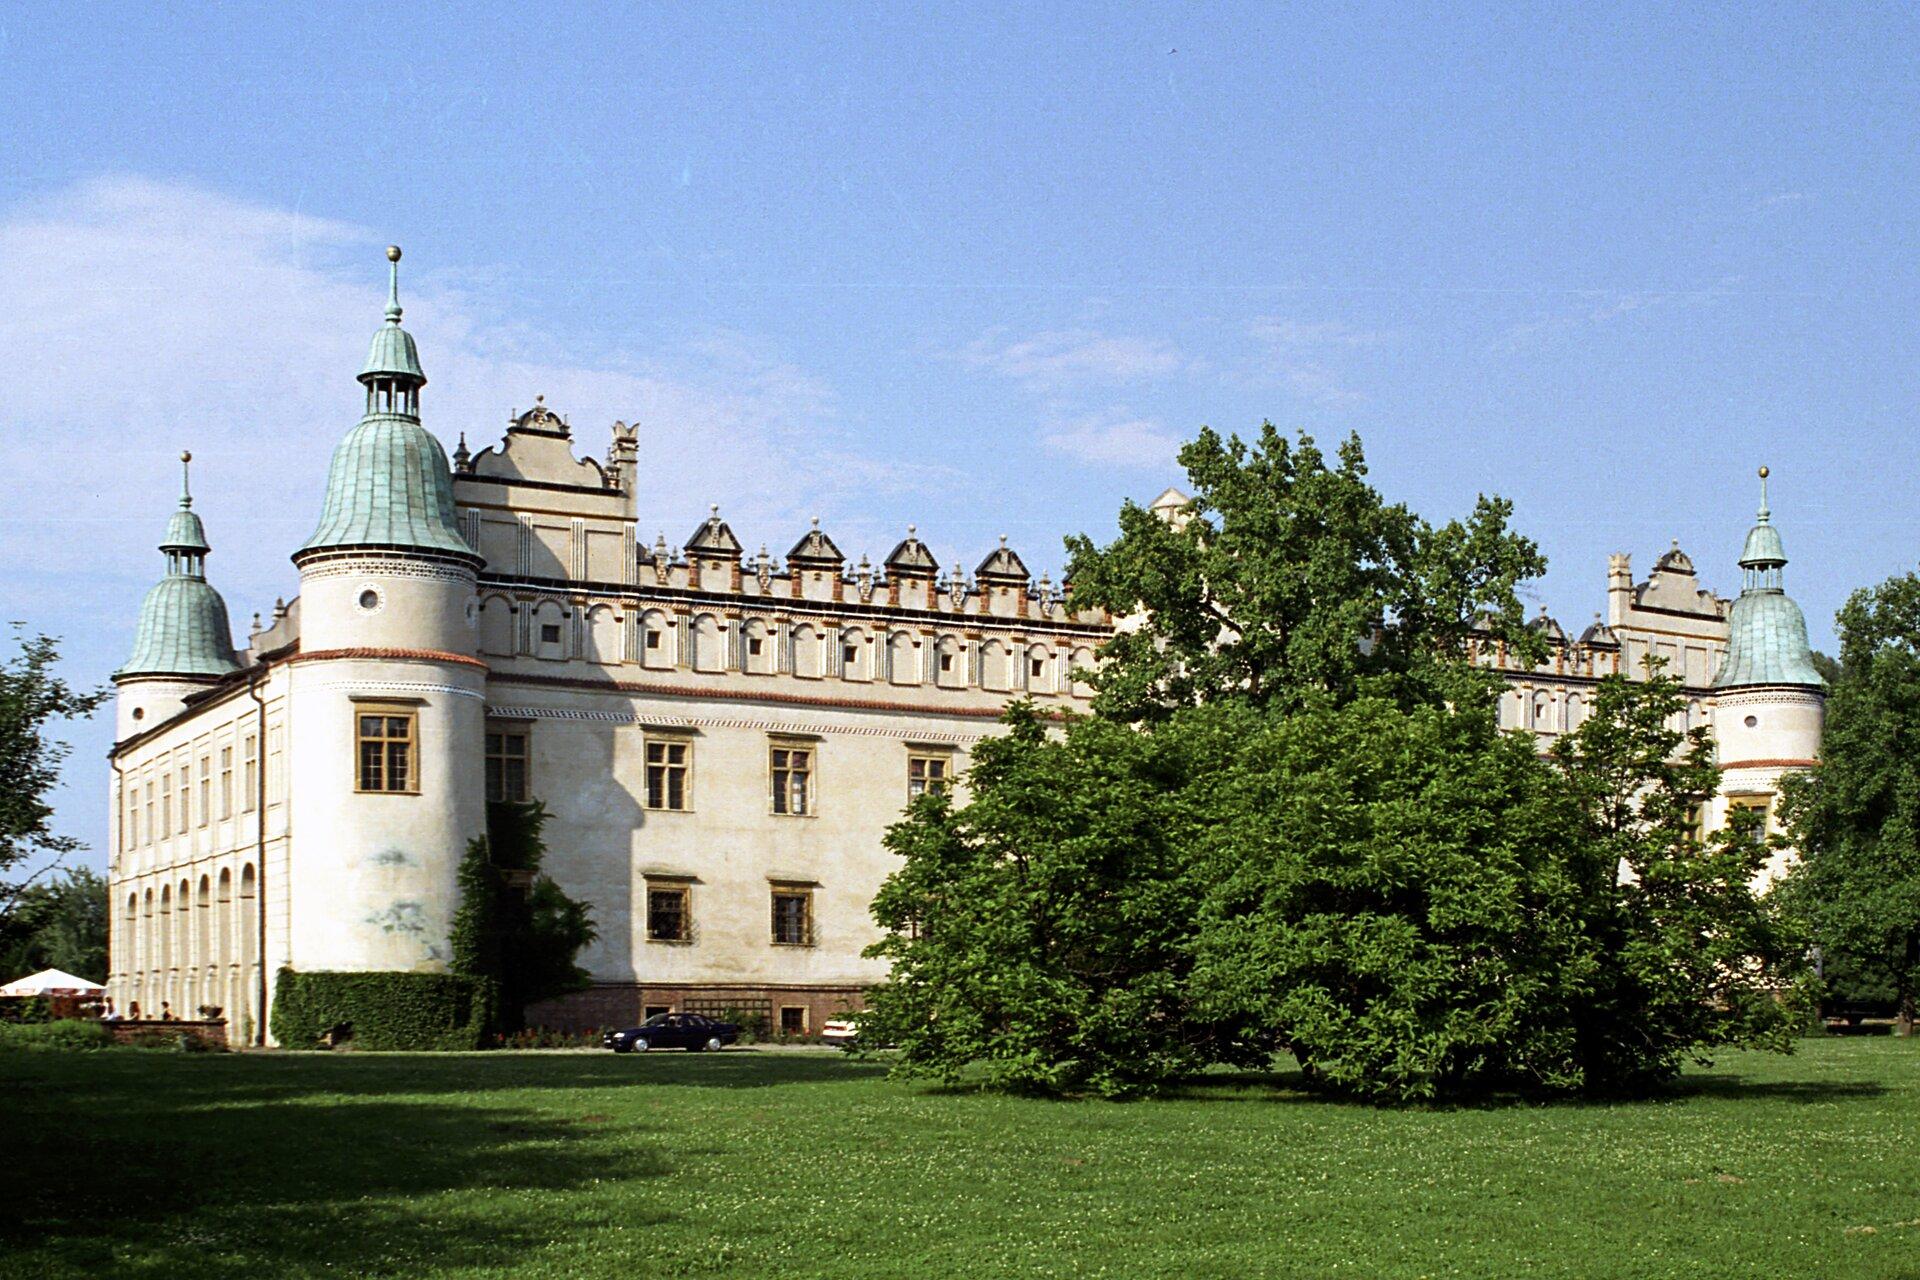 Zamek wBaranowie, widok zzewnątrz Zamek wBaranowie, widok zzewnątrz Źródło: Jerzy Strzelecki, Wikimedia Commons, licencja: CC BY-SA 3.0.